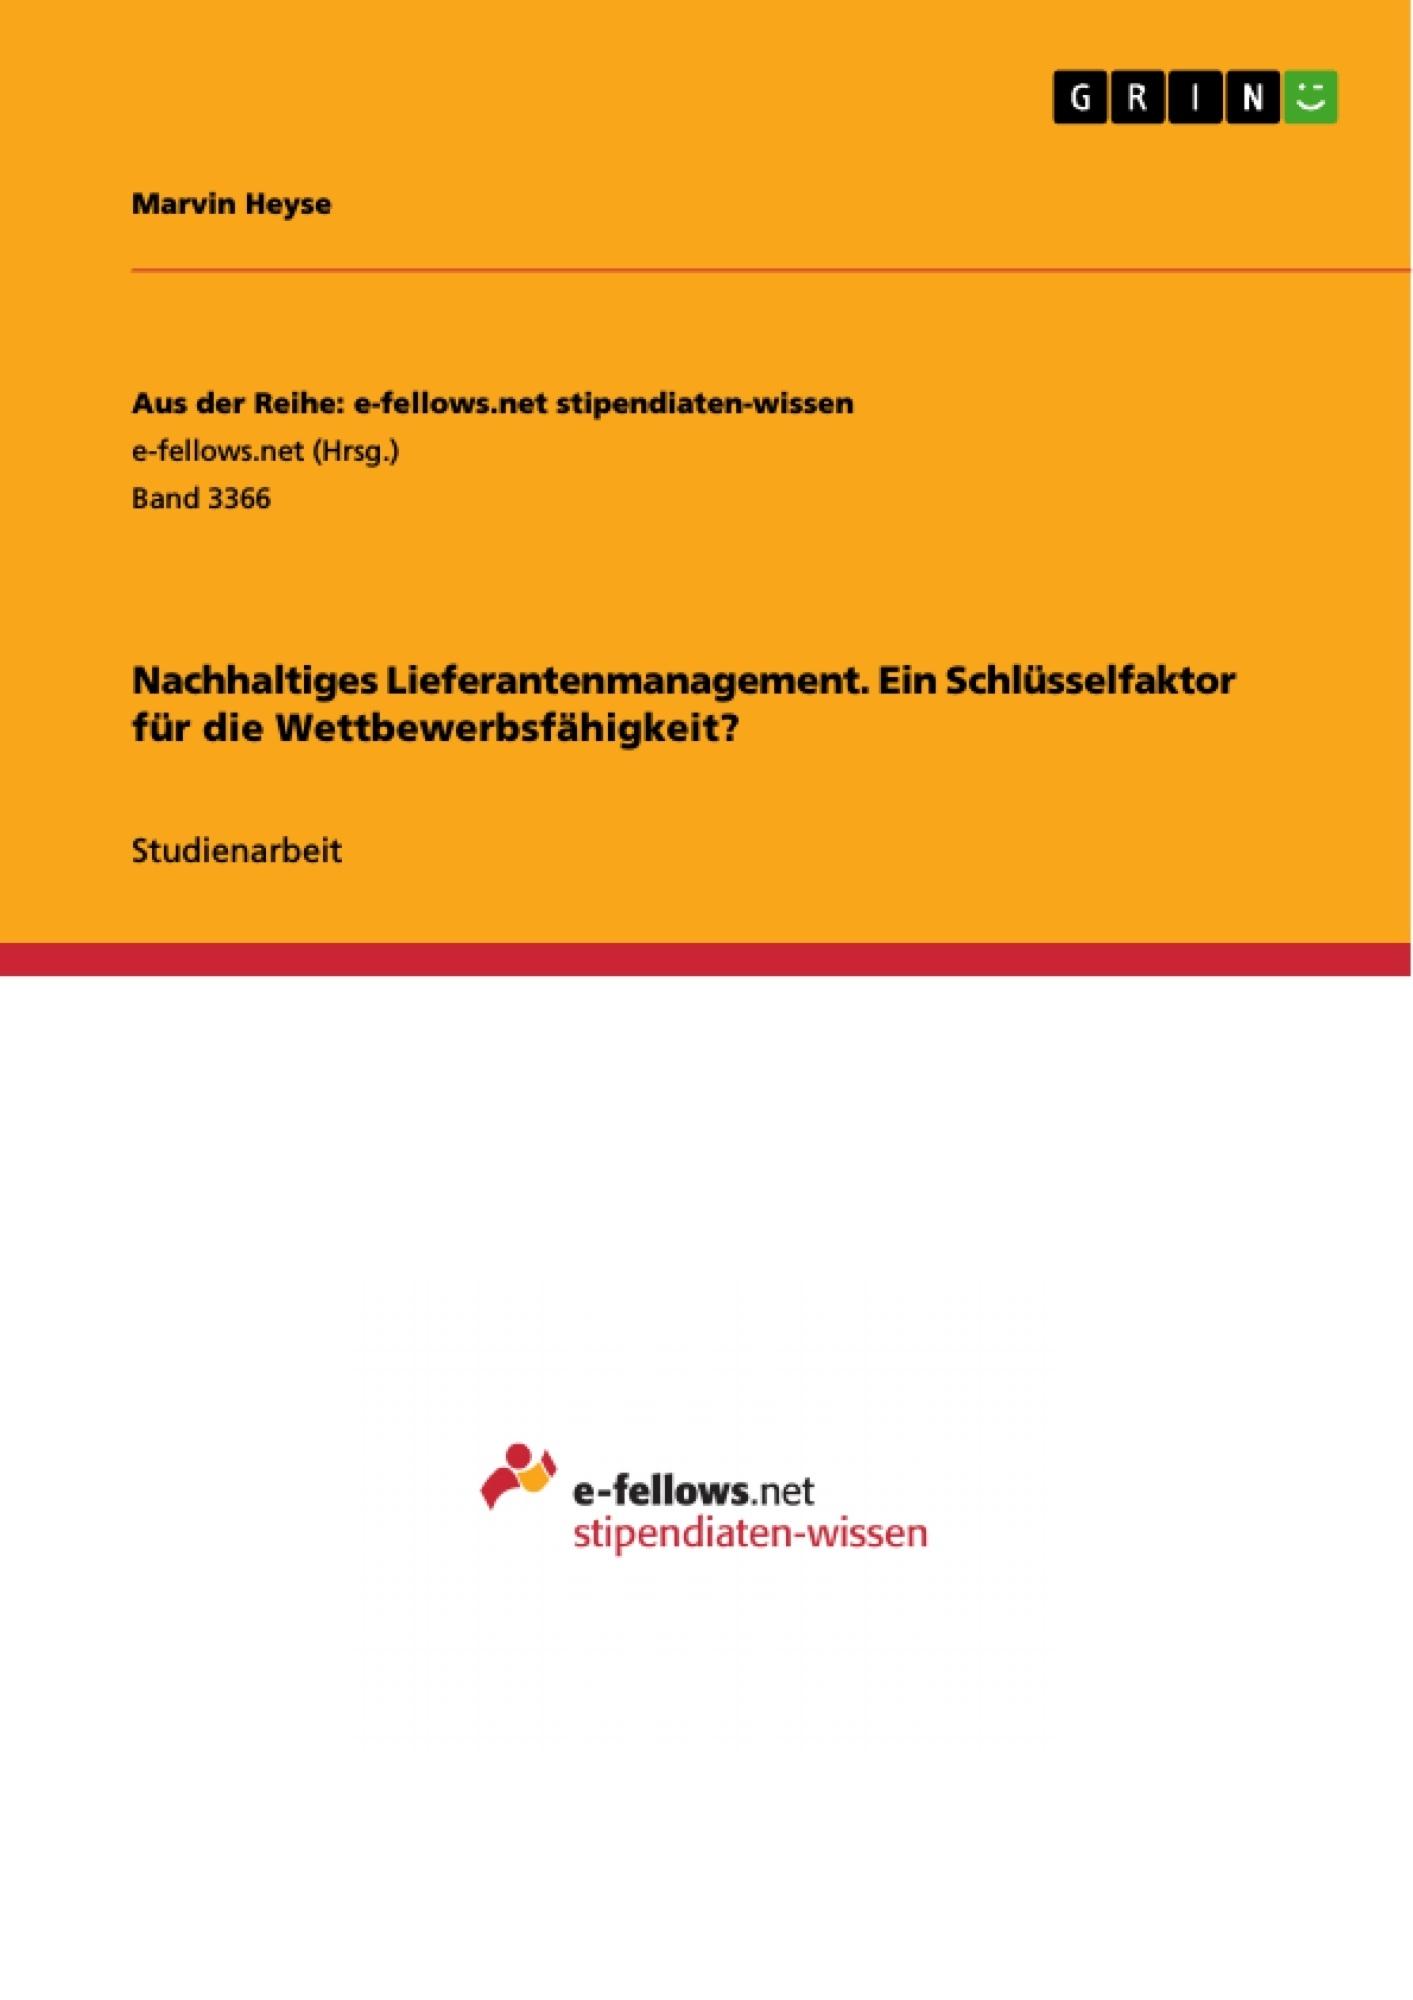 Titel: Nachhaltiges Lieferantenmanagement. Ein Schlüsselfaktor für die Wettbewerbsfähigkeit?